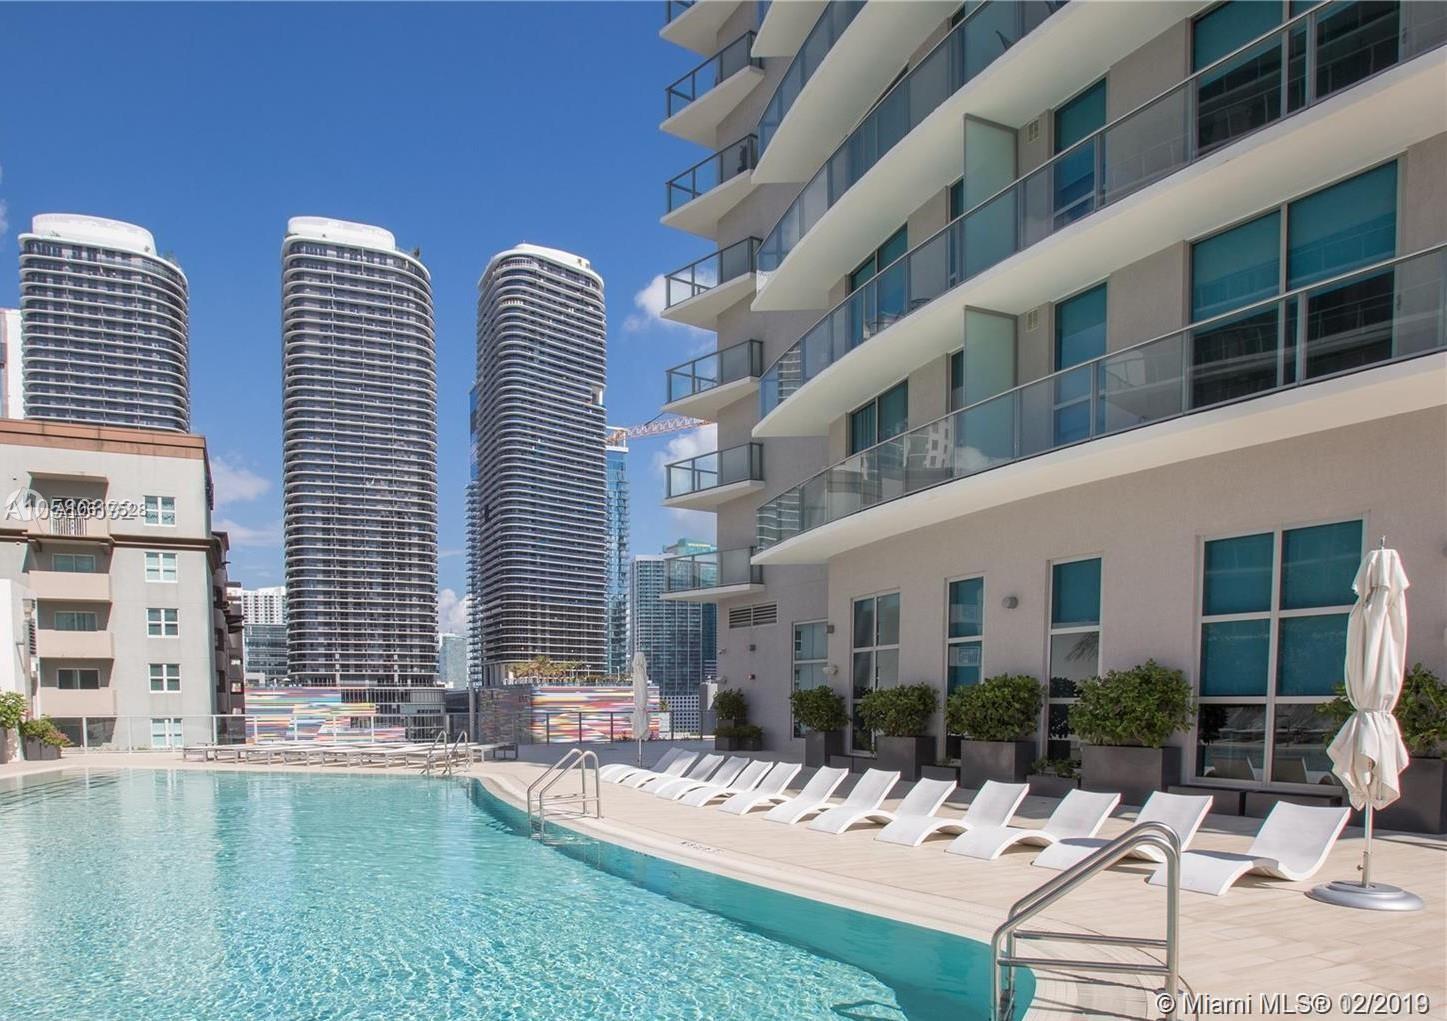 1100 S Miami Ave, Miami, FL 33130, 1100 Millecento #302, Brickell, Miami A10617528 image #21